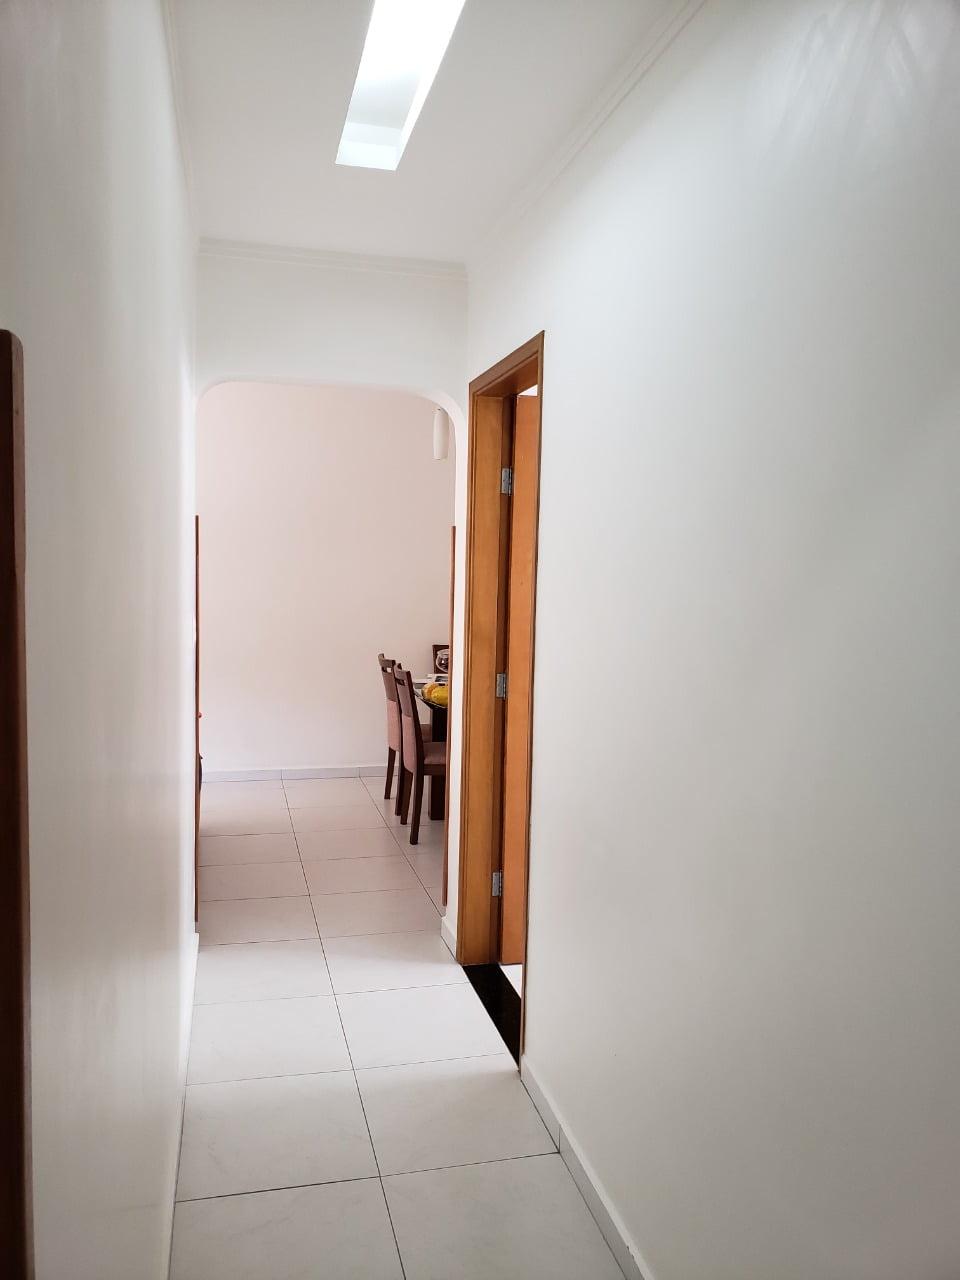 Apartamento no Bairro do Embaré , Santos , sendo 1º Andar, 3 dormitórios, 2 banheiros e garagem fechada. Todo reformado - foto 4